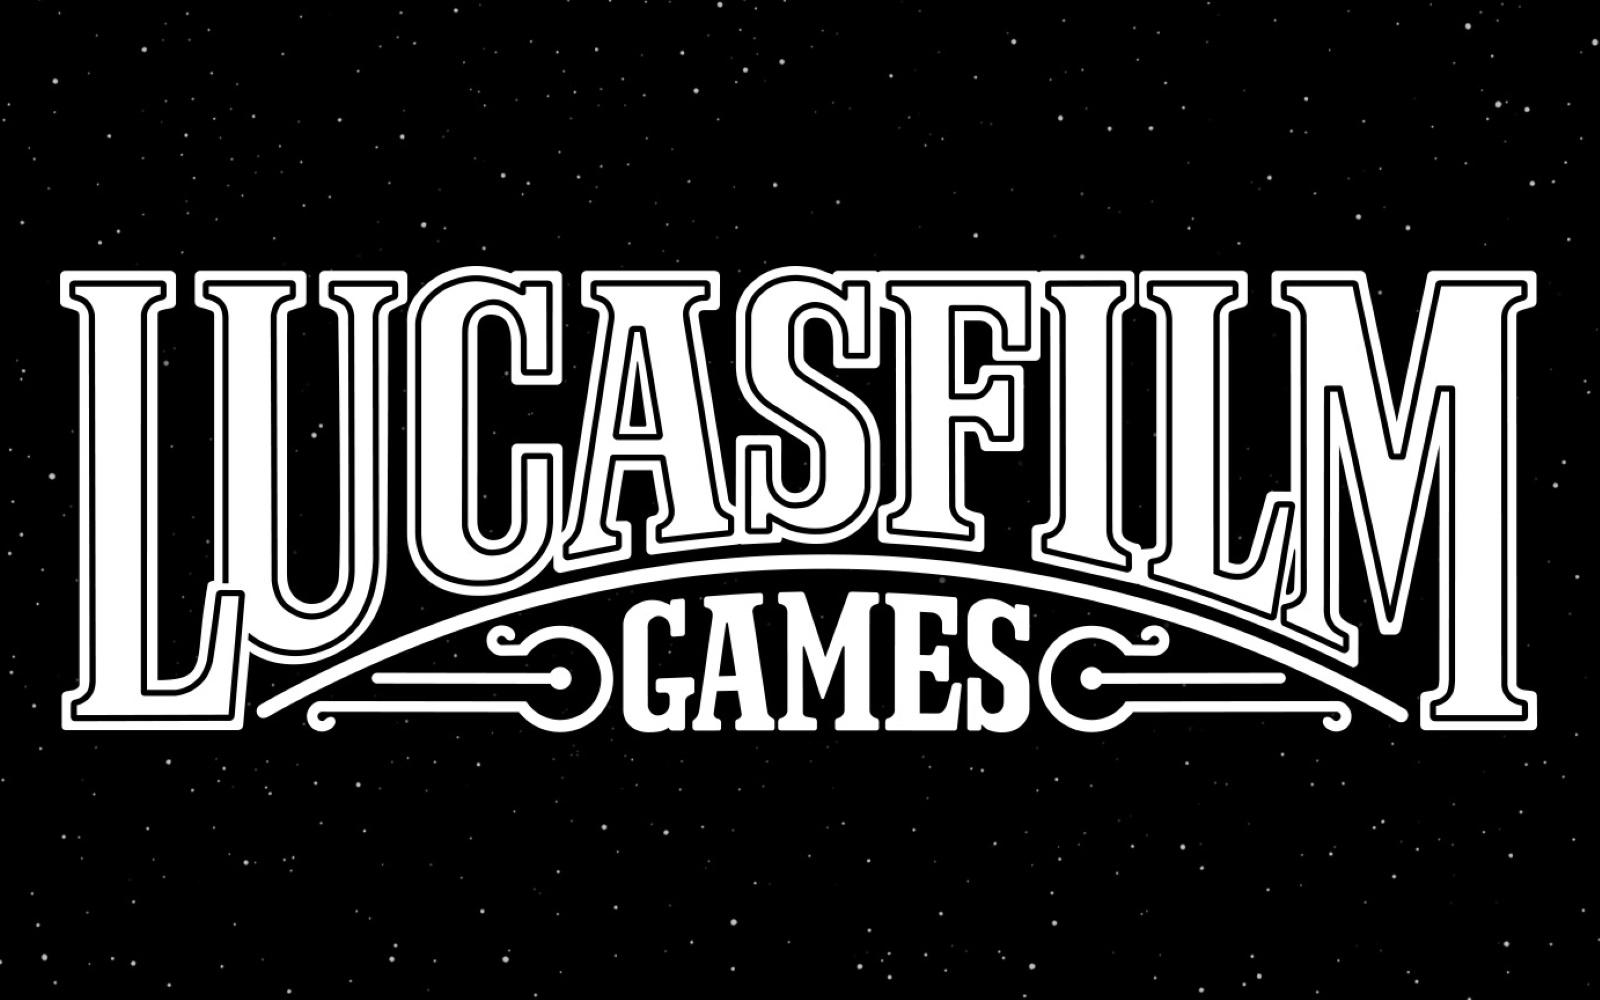 Lucasfilm Games Returns!